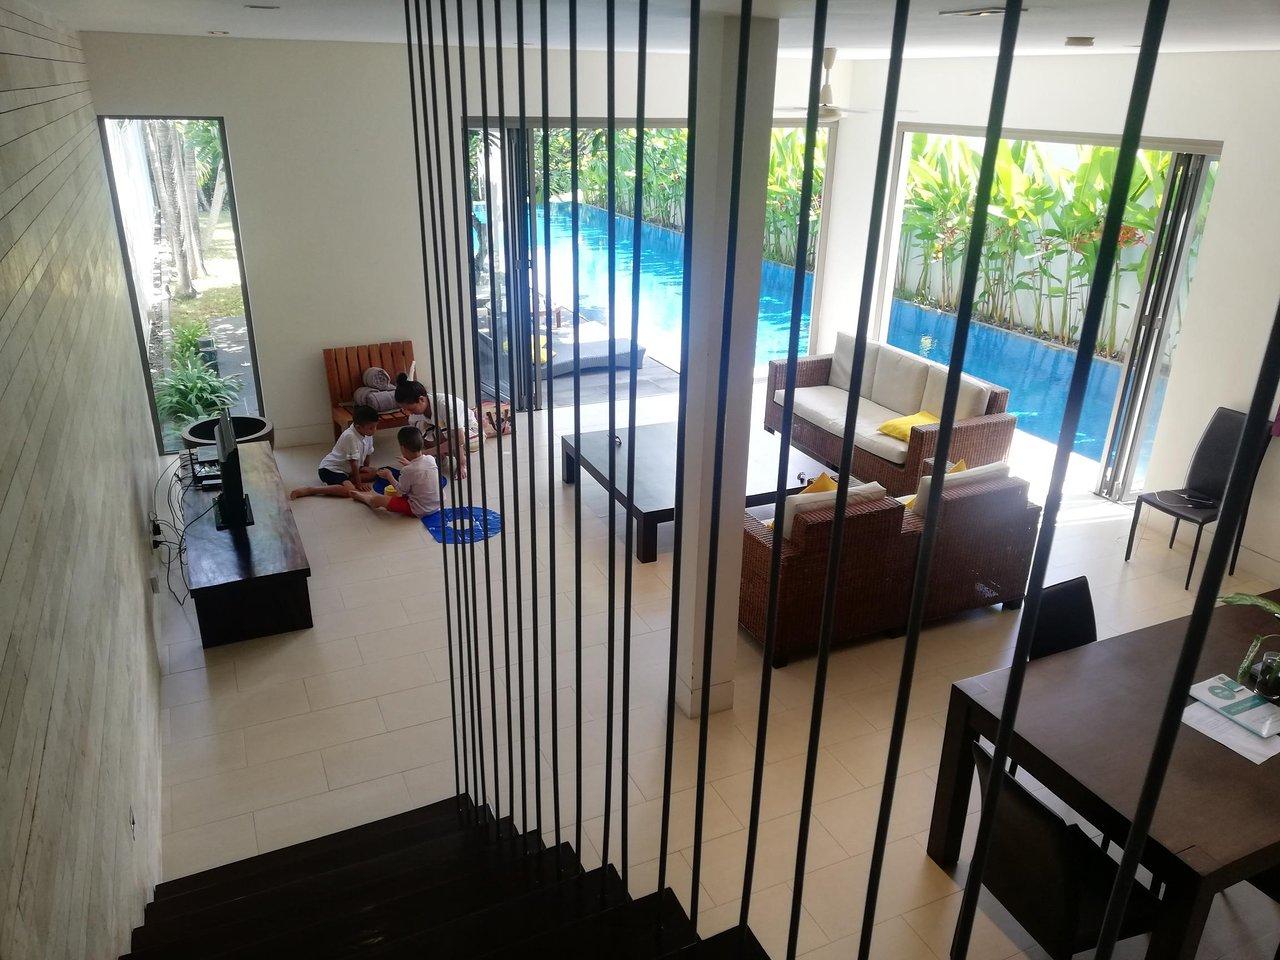 baan yamu residences 93 1 0 8 prices condominium reviews rh tripadvisor com